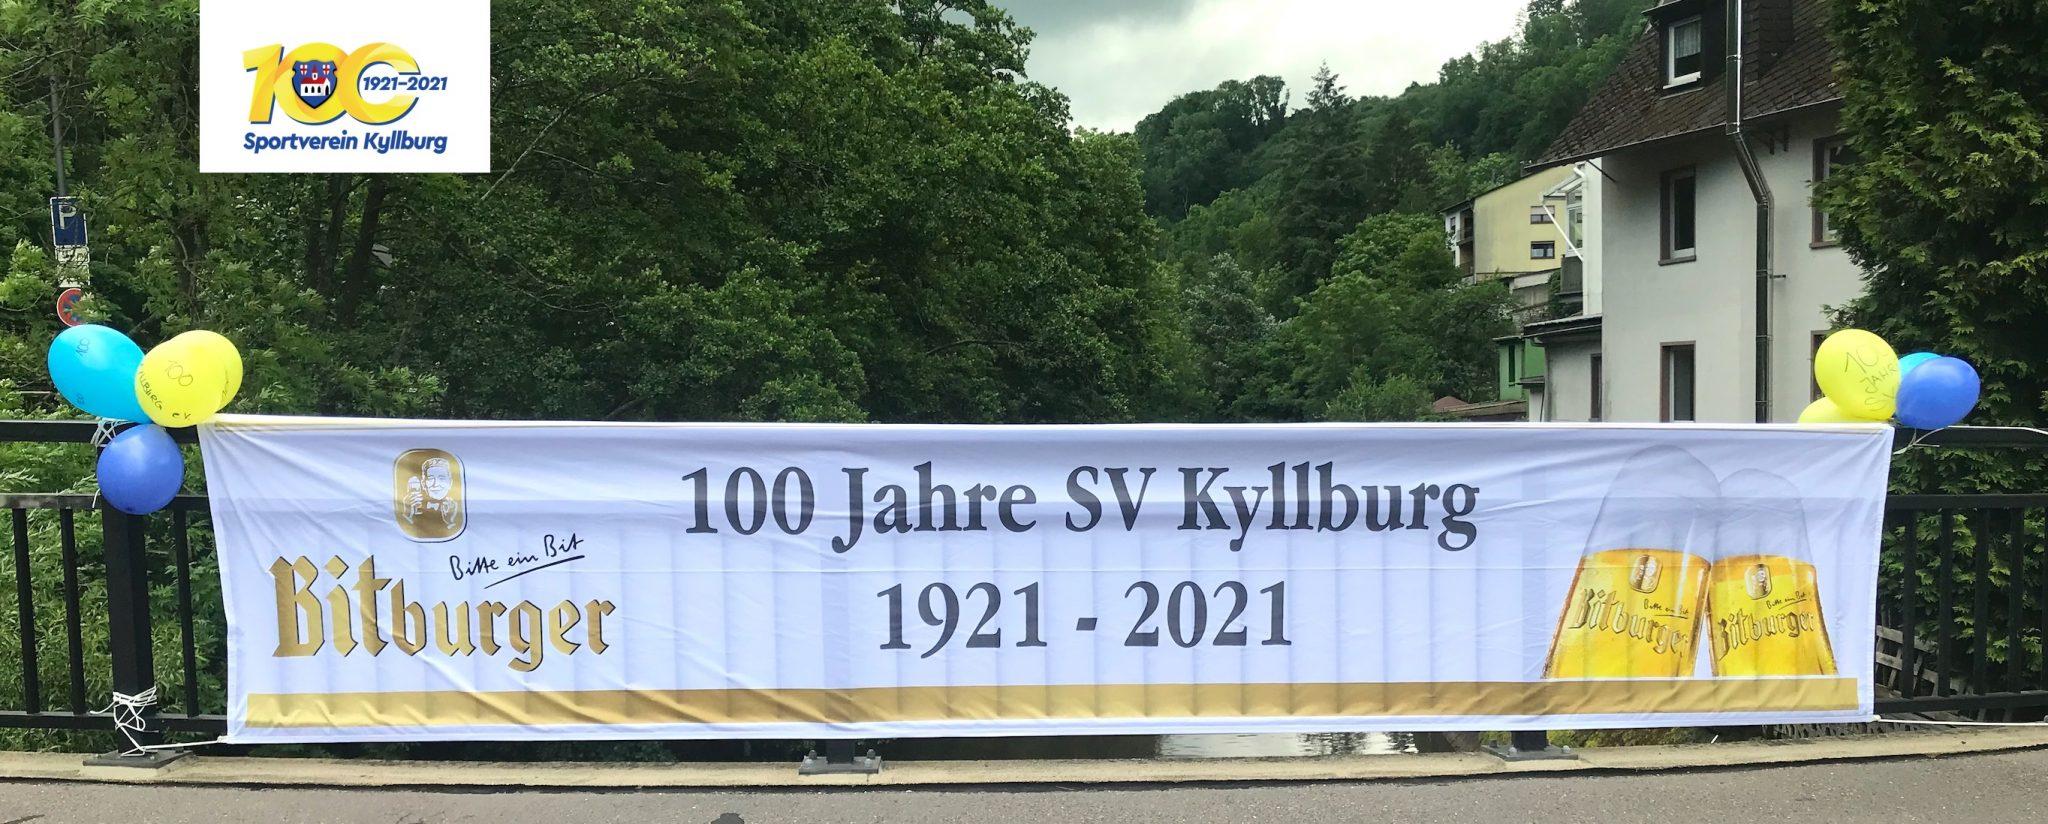 Der SVK wird 100 Jahr